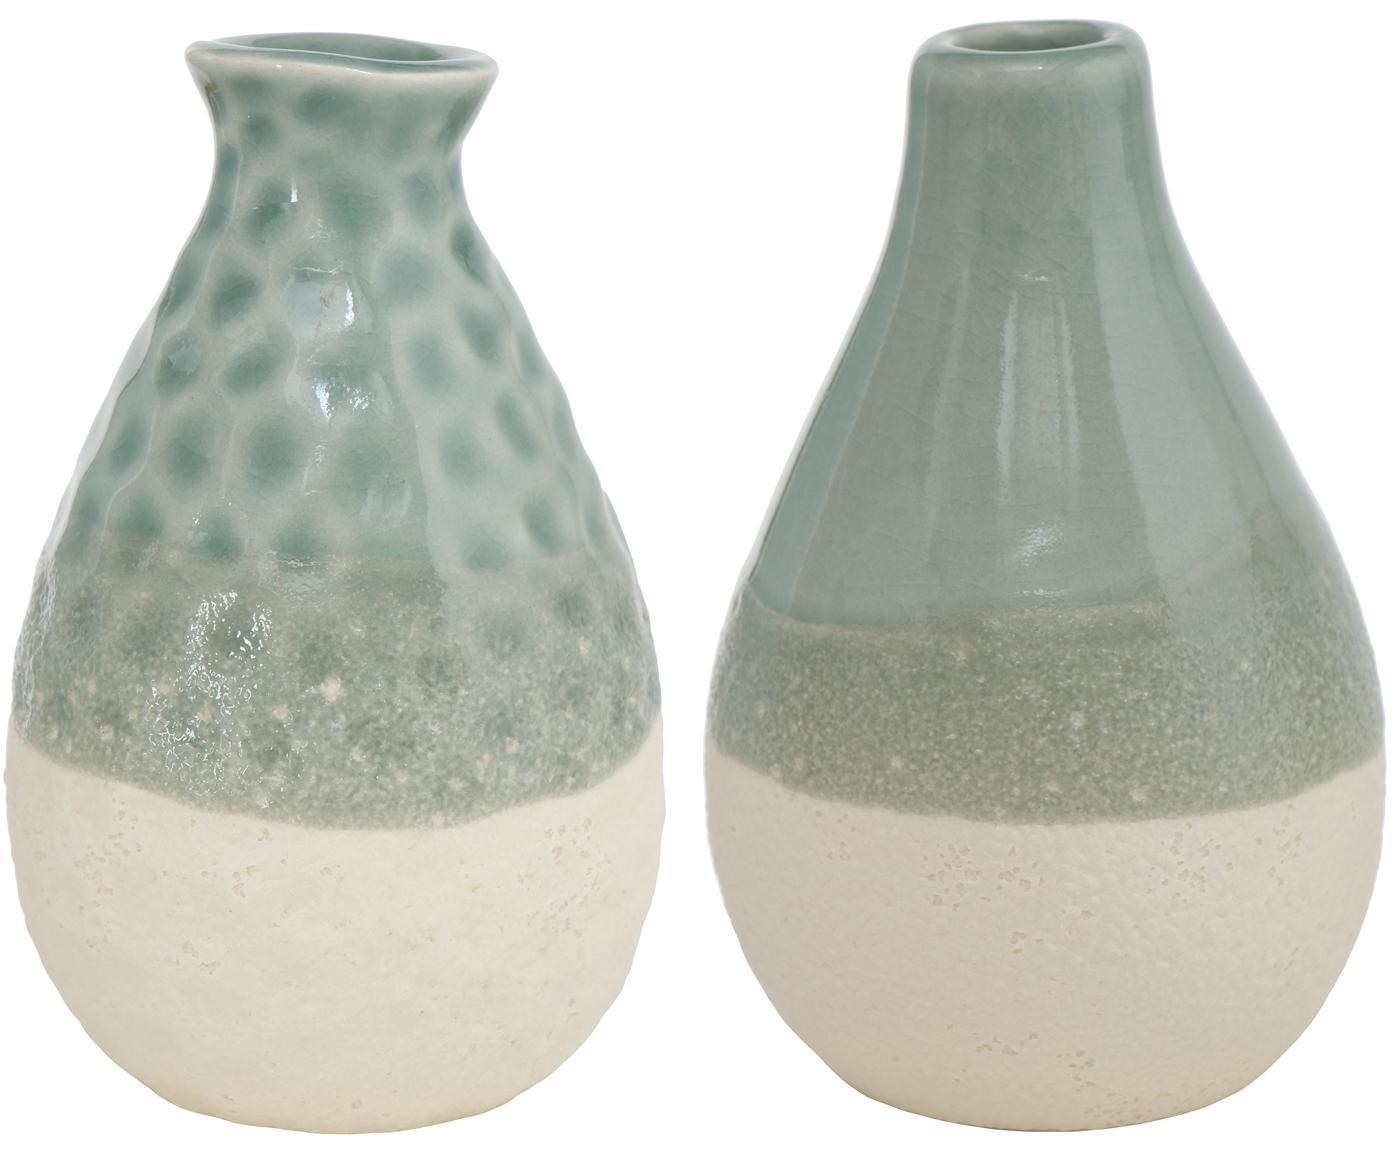 Set de jarrones pequeños Carney, 2pzas., Gres, Verde, beige, Ø 7 x Al 11 cm